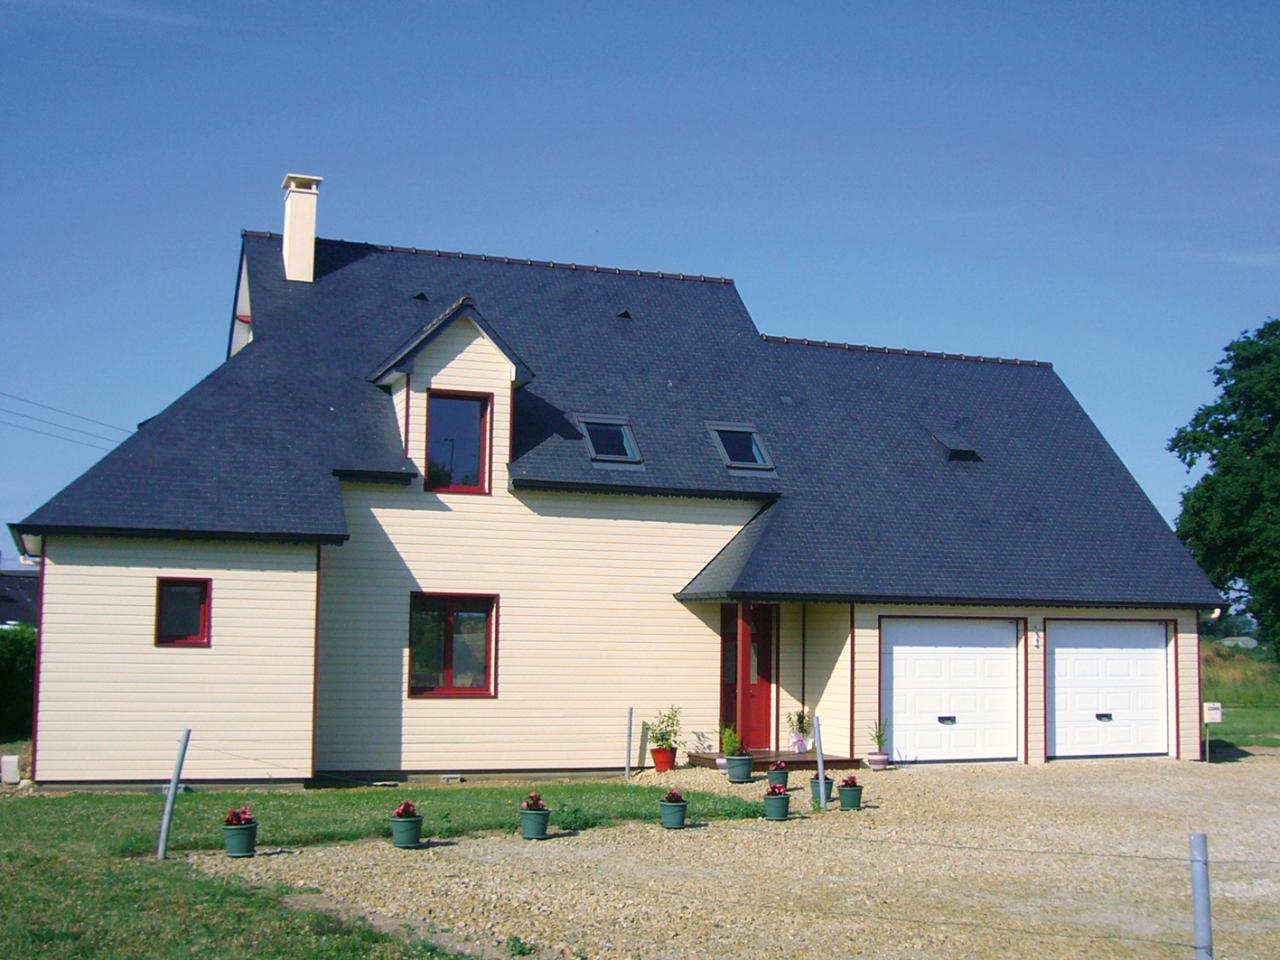 Facades De Maisons En Couleurs maison bois traditionnelle en mayenne (53) - maison bois